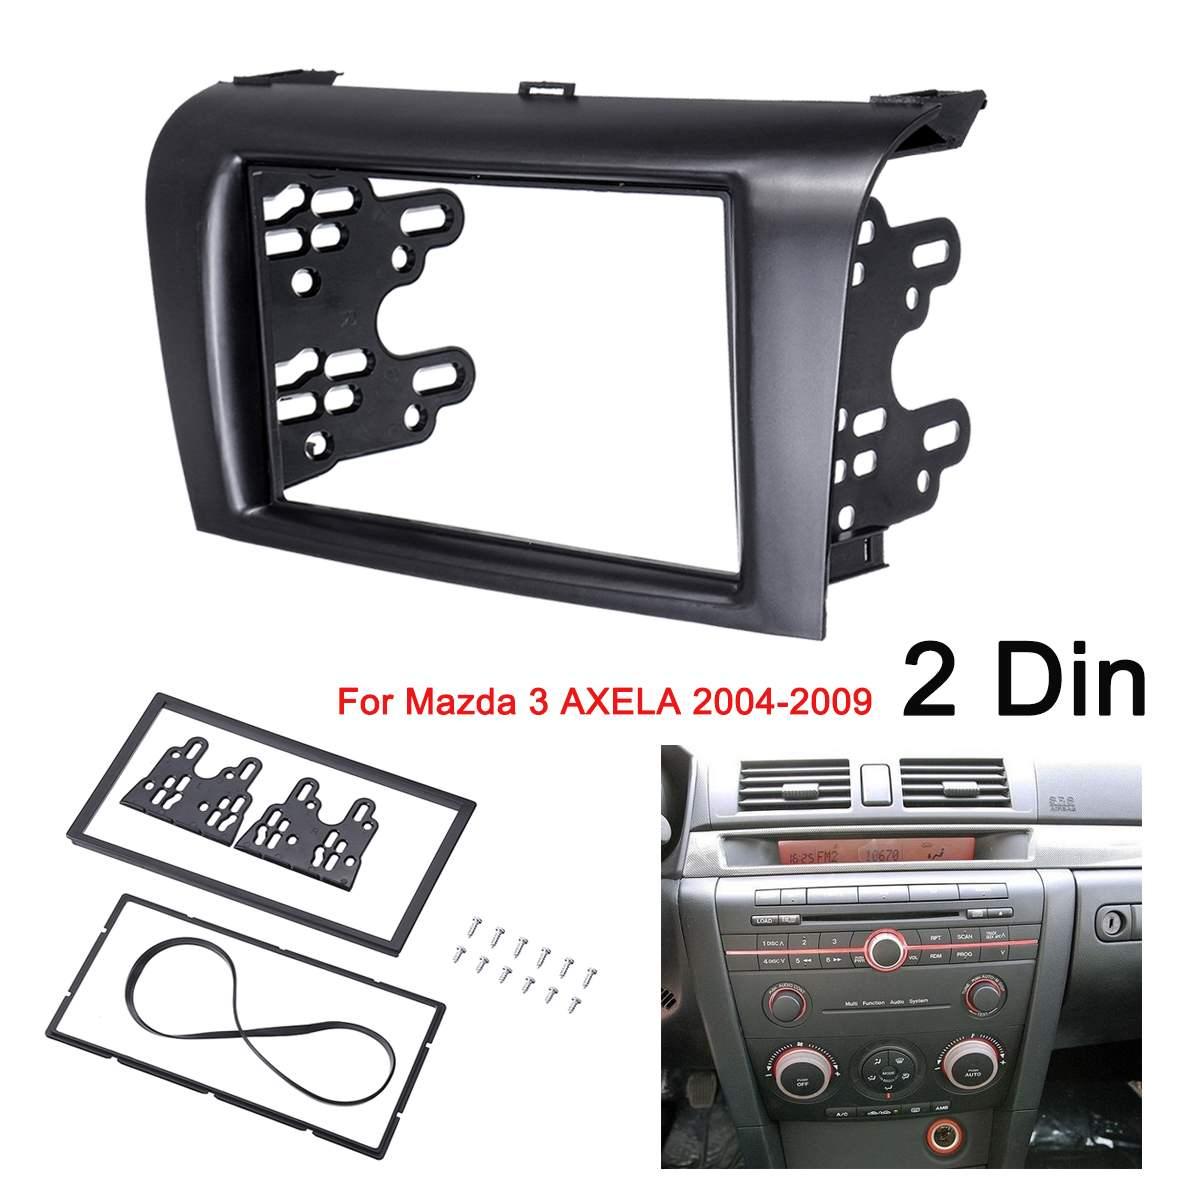 2din rádio estéreo do carro dvd fascia traço painel placa guarnição kit quadro capa para mazda 3 axela 2004 2005 2006 2007 2008 2009